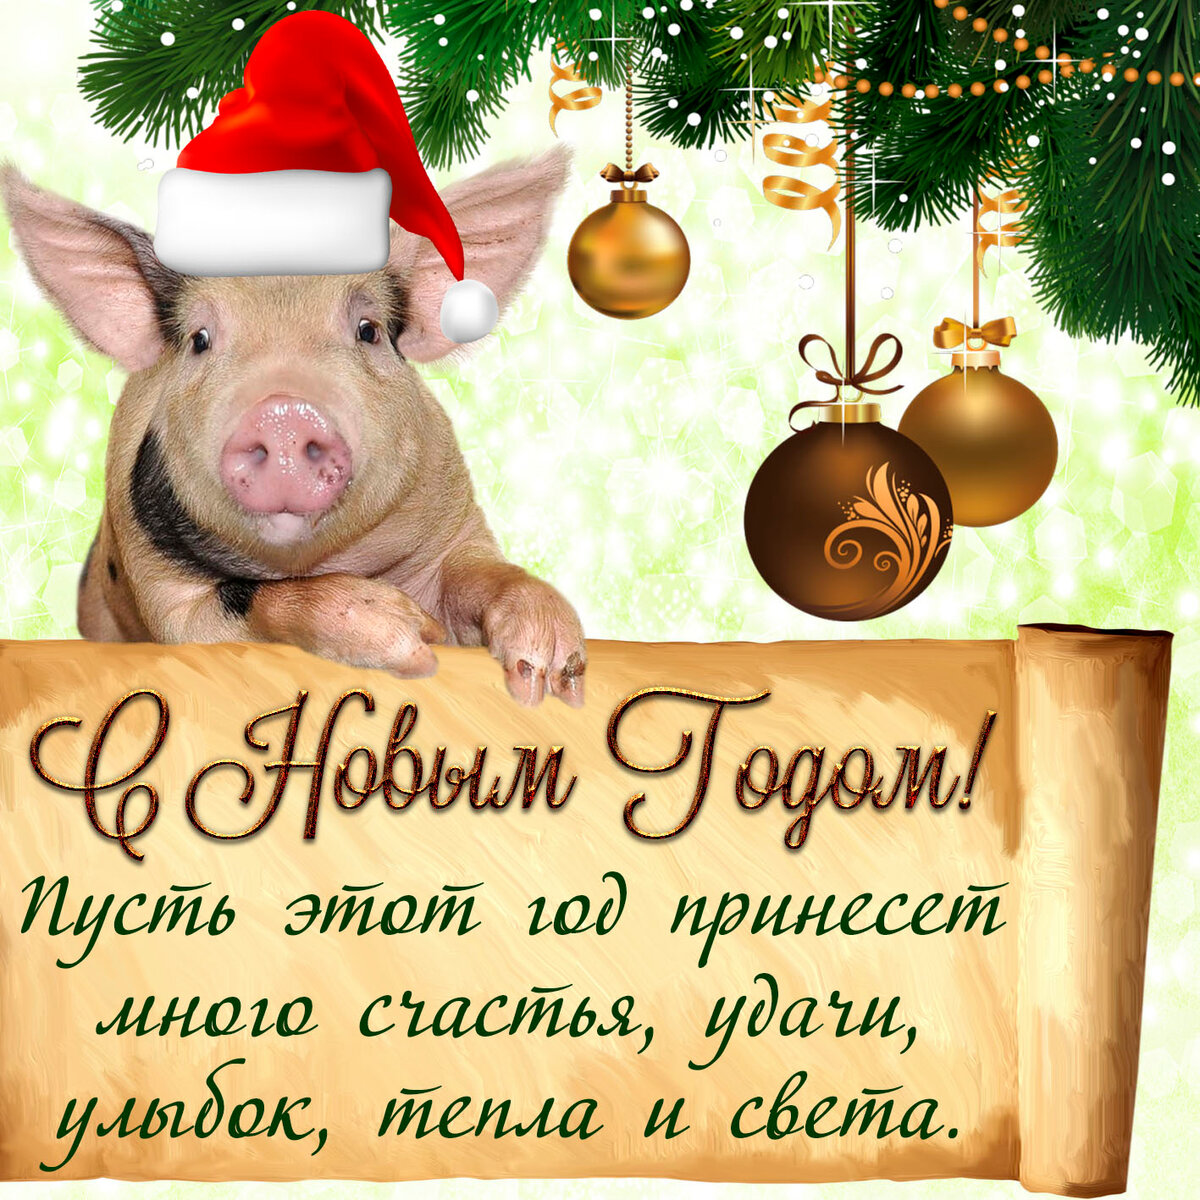 заказывают только фото свиней поздравления фотография завода, создание